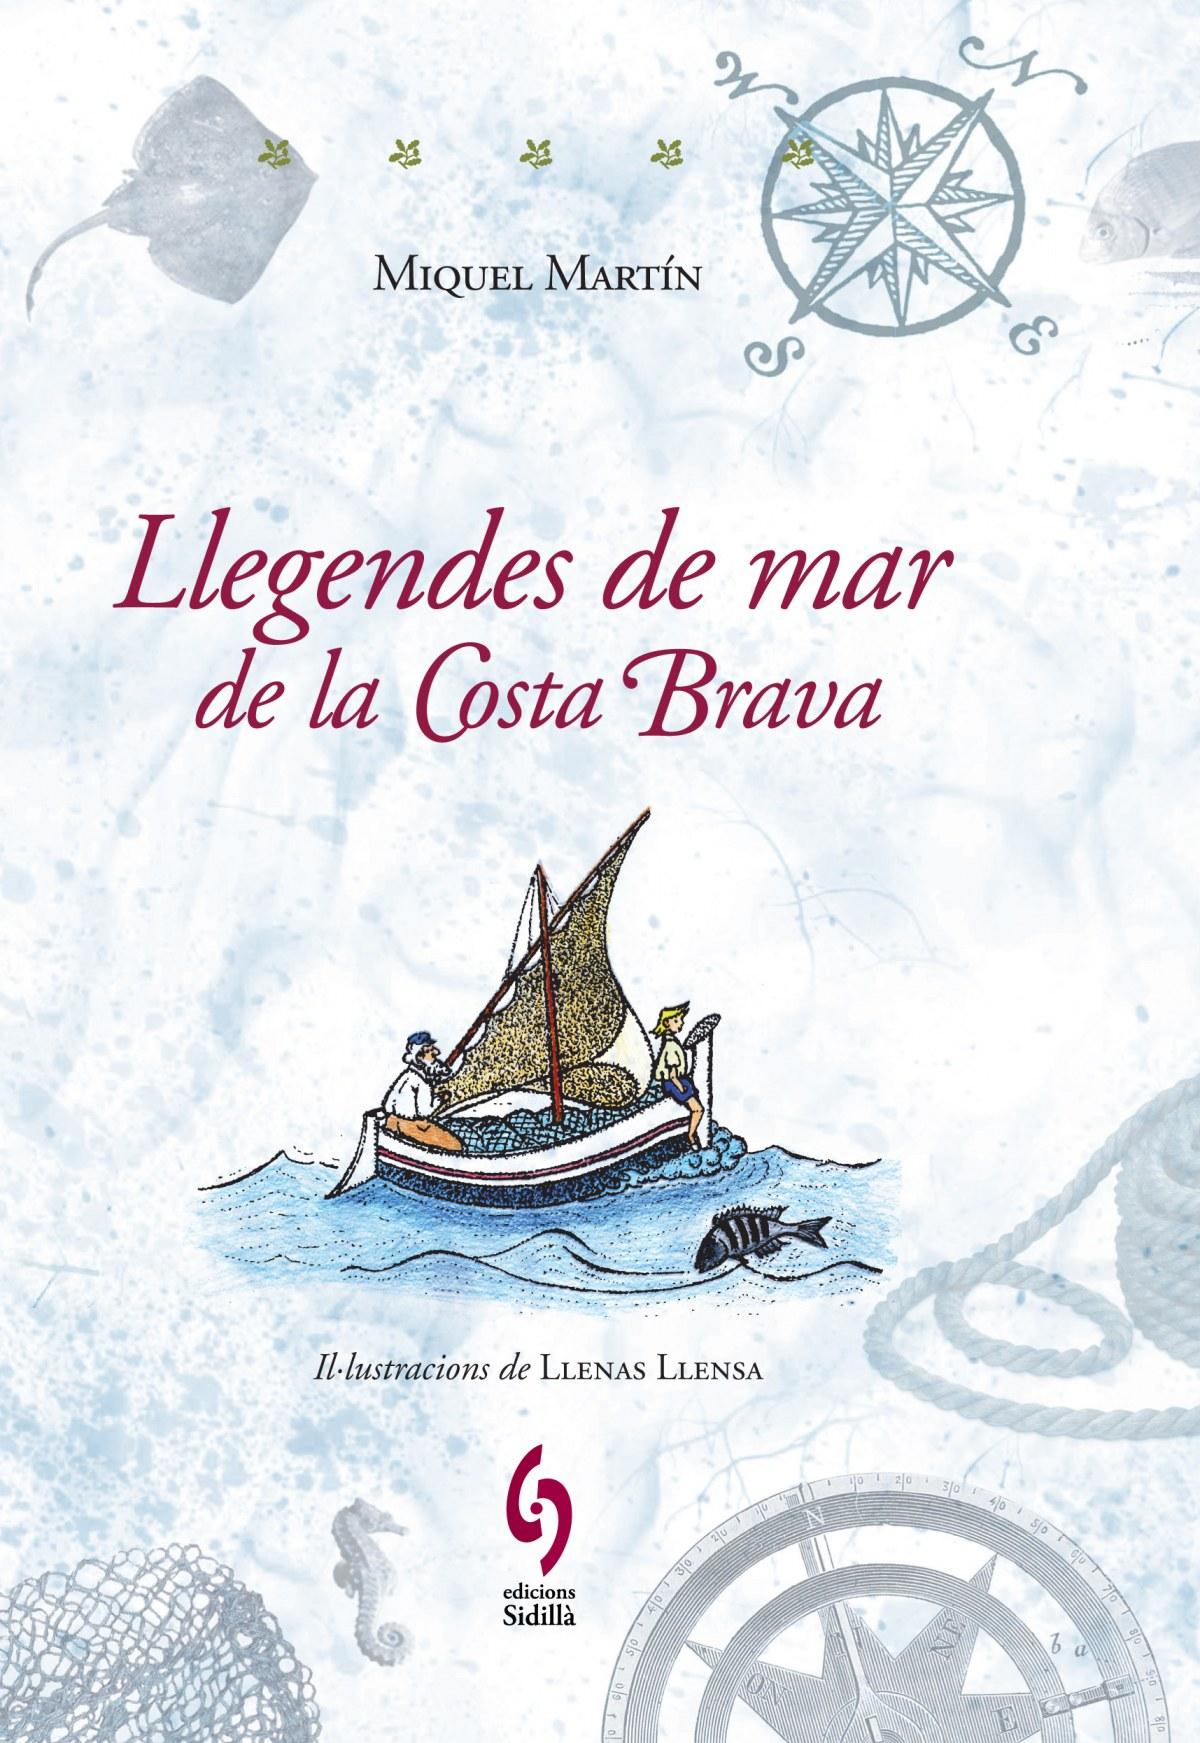 Llegendes de mar de la Costa Brava 9788493874339